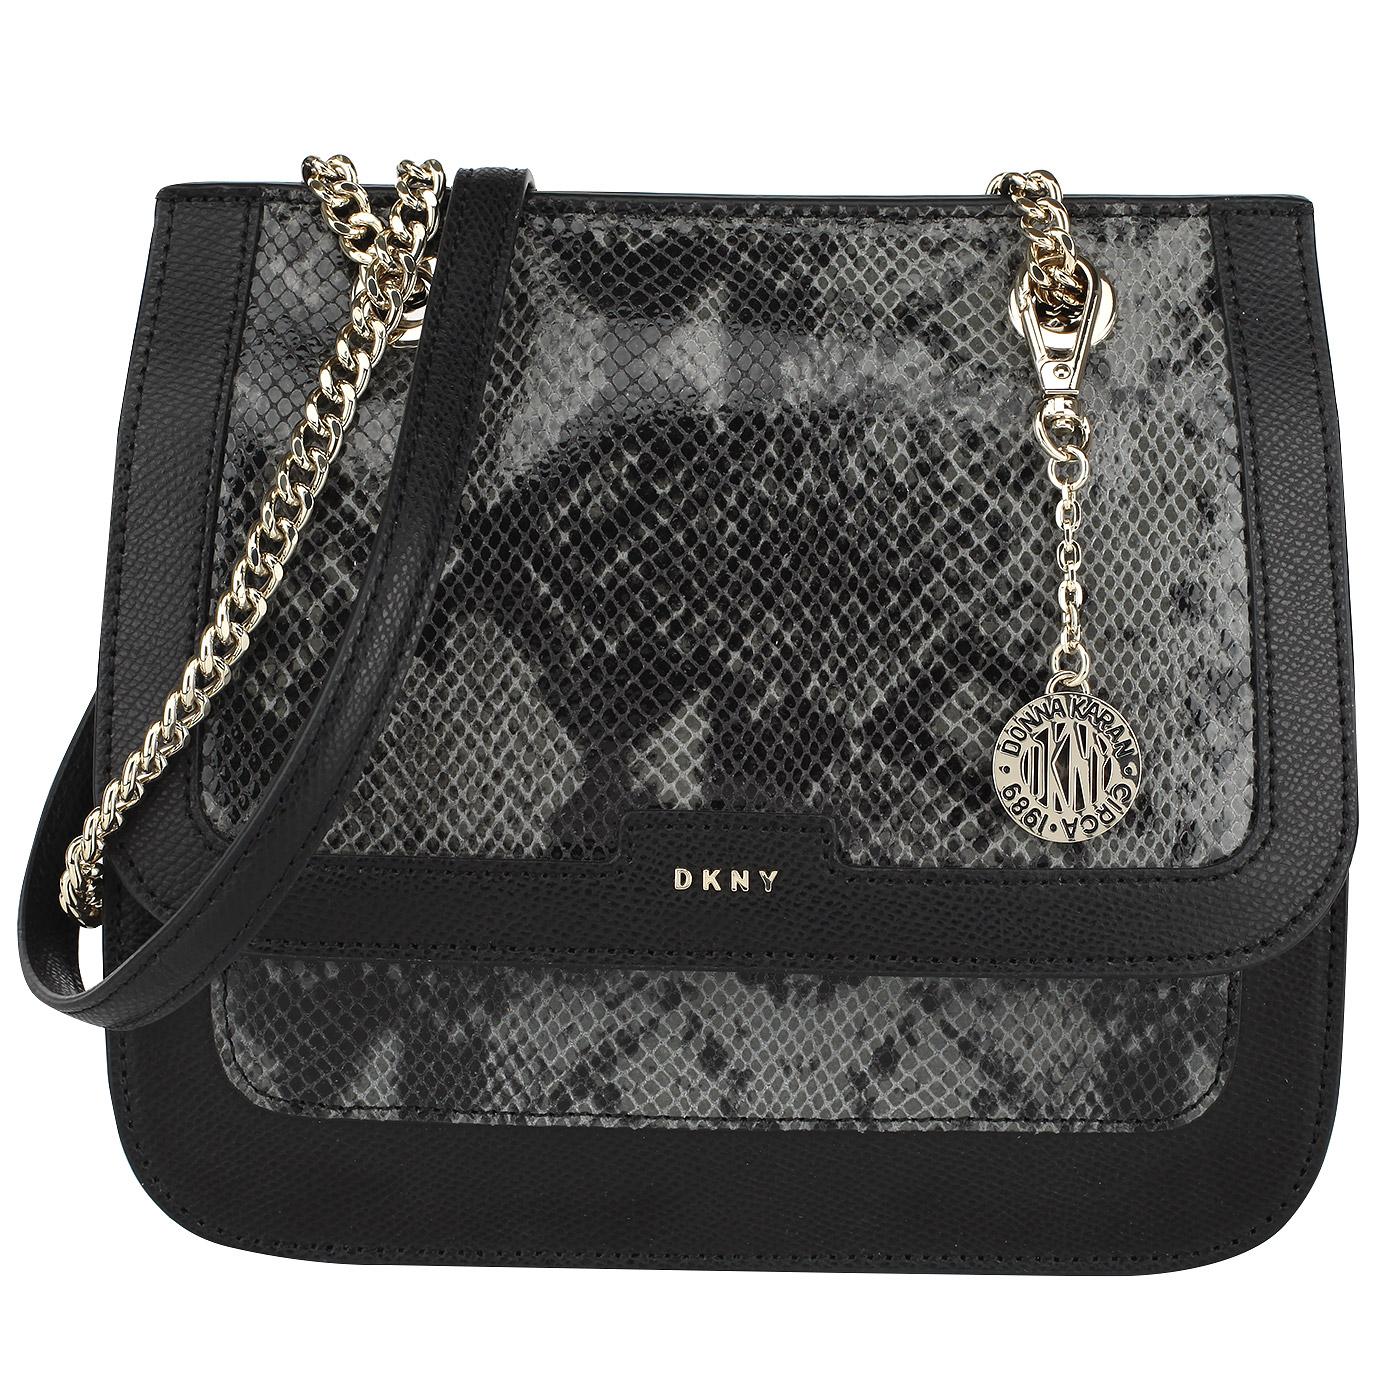 c6fbe914a67e Женская кожаная сумка с выделкой под питона DKNY Cross hatch ...